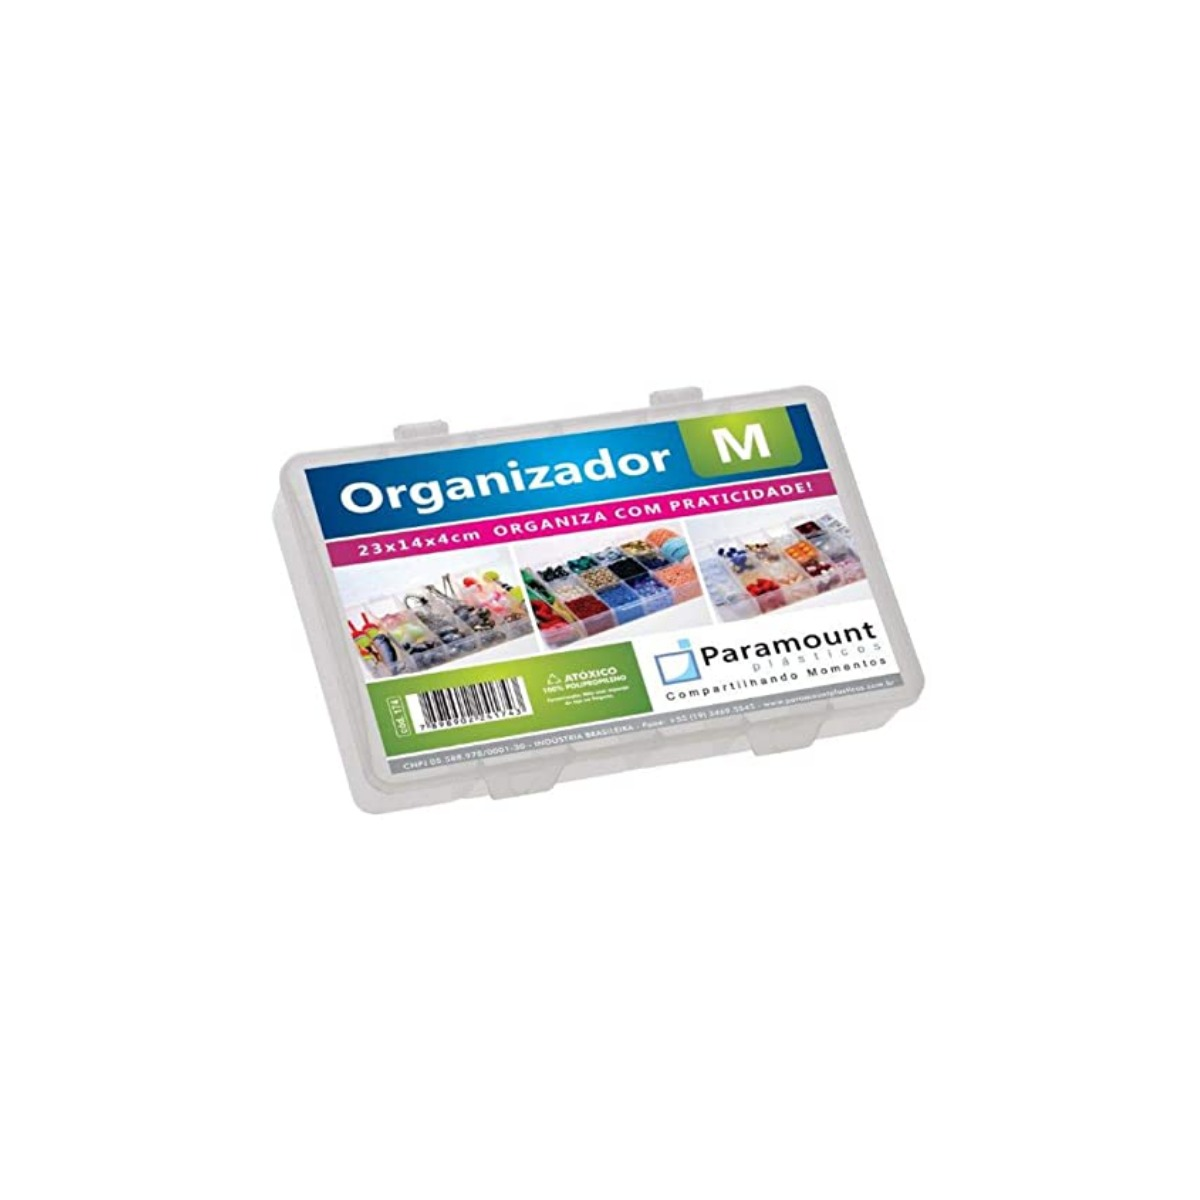 Caixa organizadora plástica, translúcida, M com 14 divisórias fixas